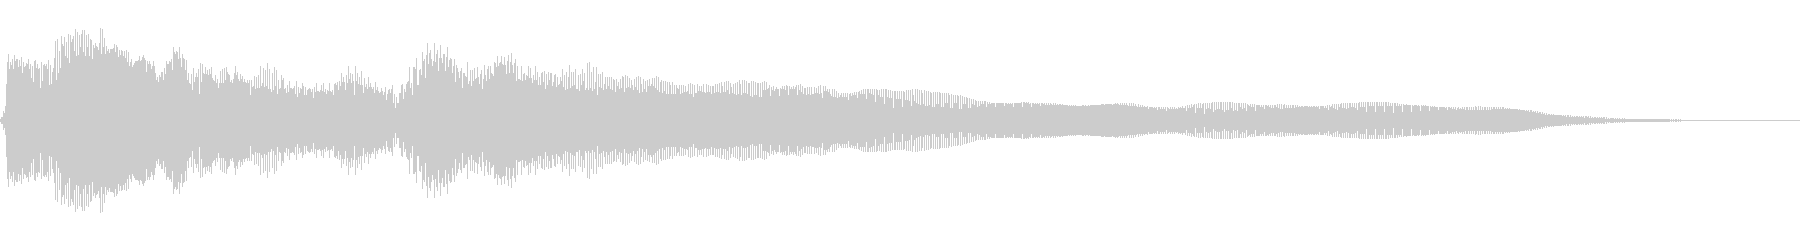 浮遊感のあるギターの未再生の波形